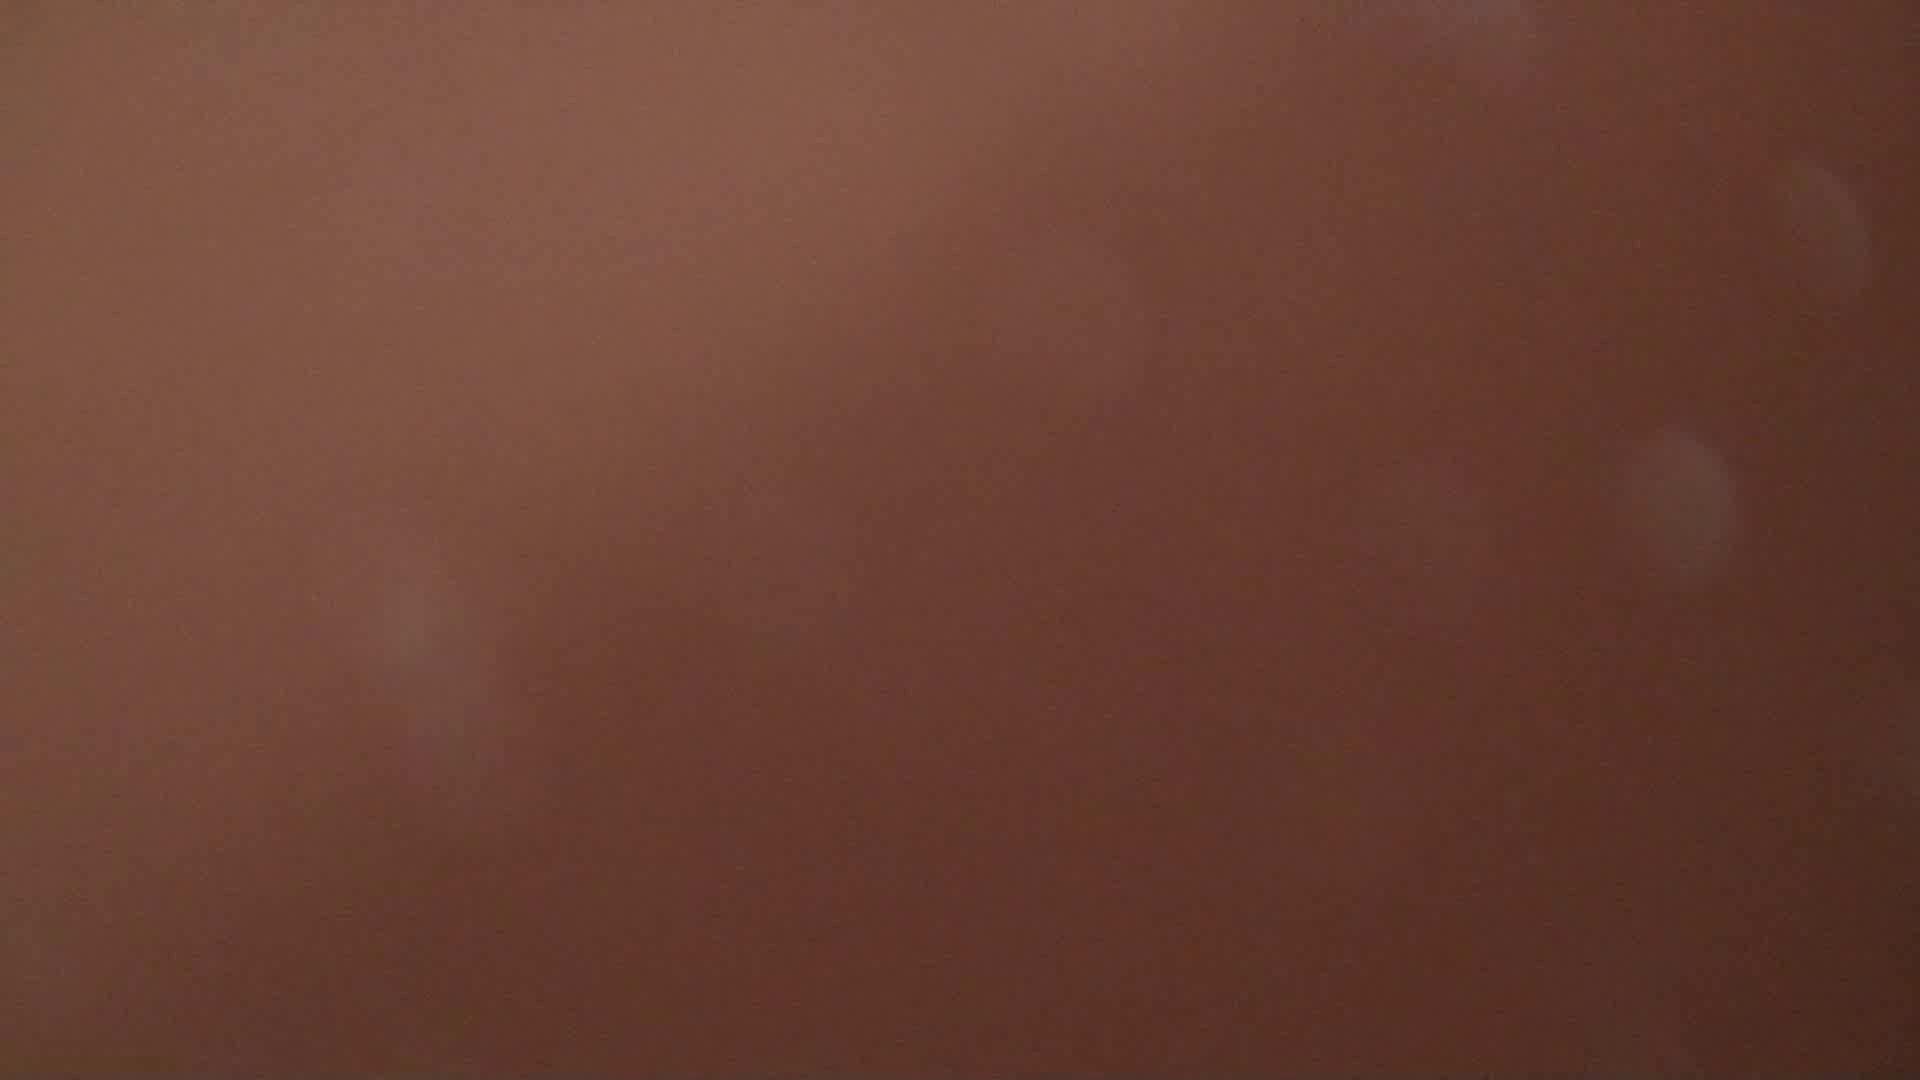 洗面所内潜入!同級生が同級生を盗撮! vol.02 盗撮編 エロ画像 80枚 68